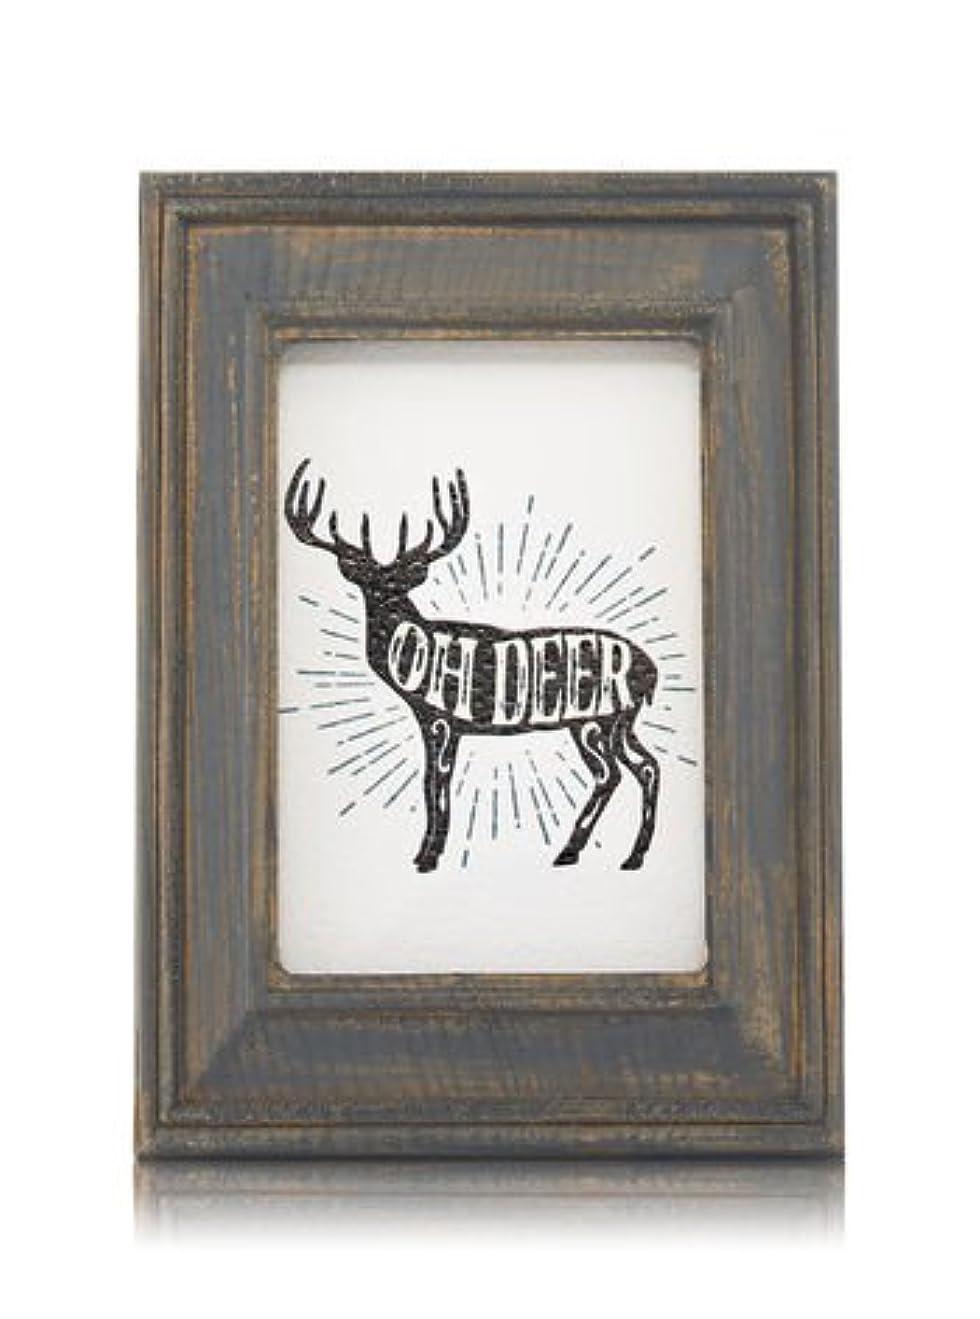 参加するそう公平な【Bath&Body Works/バス&ボディワークス】 ルームフレグランス プラグインスターター (本体のみ) ウッドフレーム トナカイ Wallflowers Fragrance Plug Wooden Oh Deer Frame [並行輸入品]